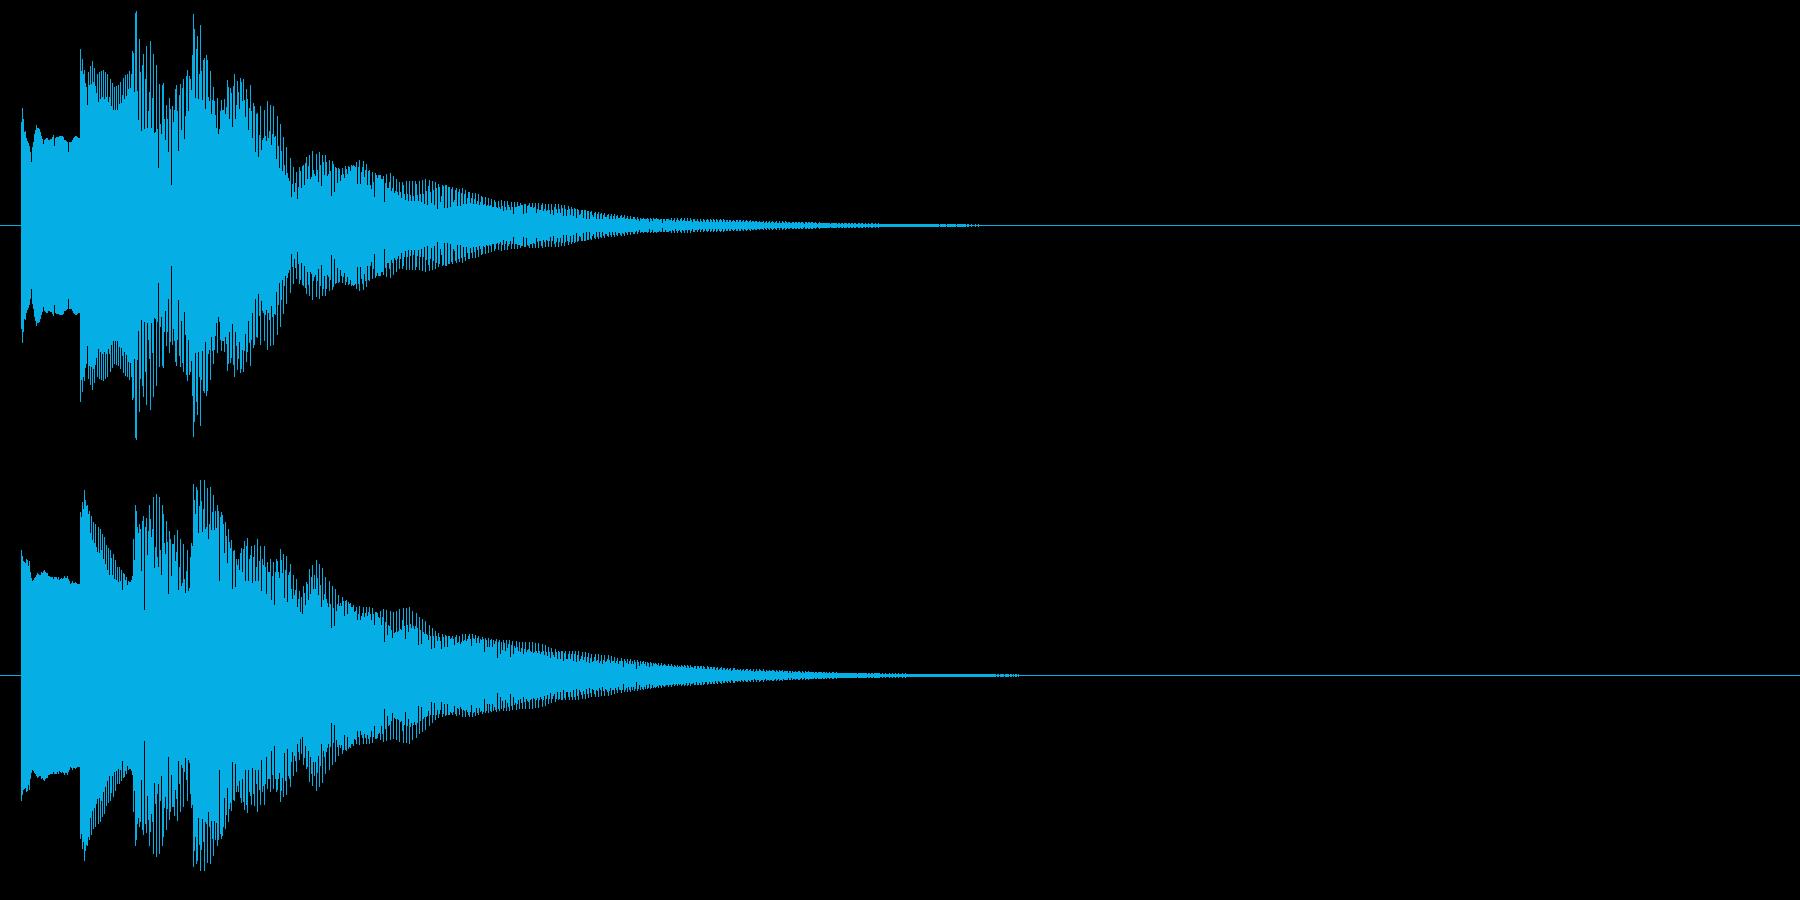 アラーム音04 ベル(sus4)の再生済みの波形